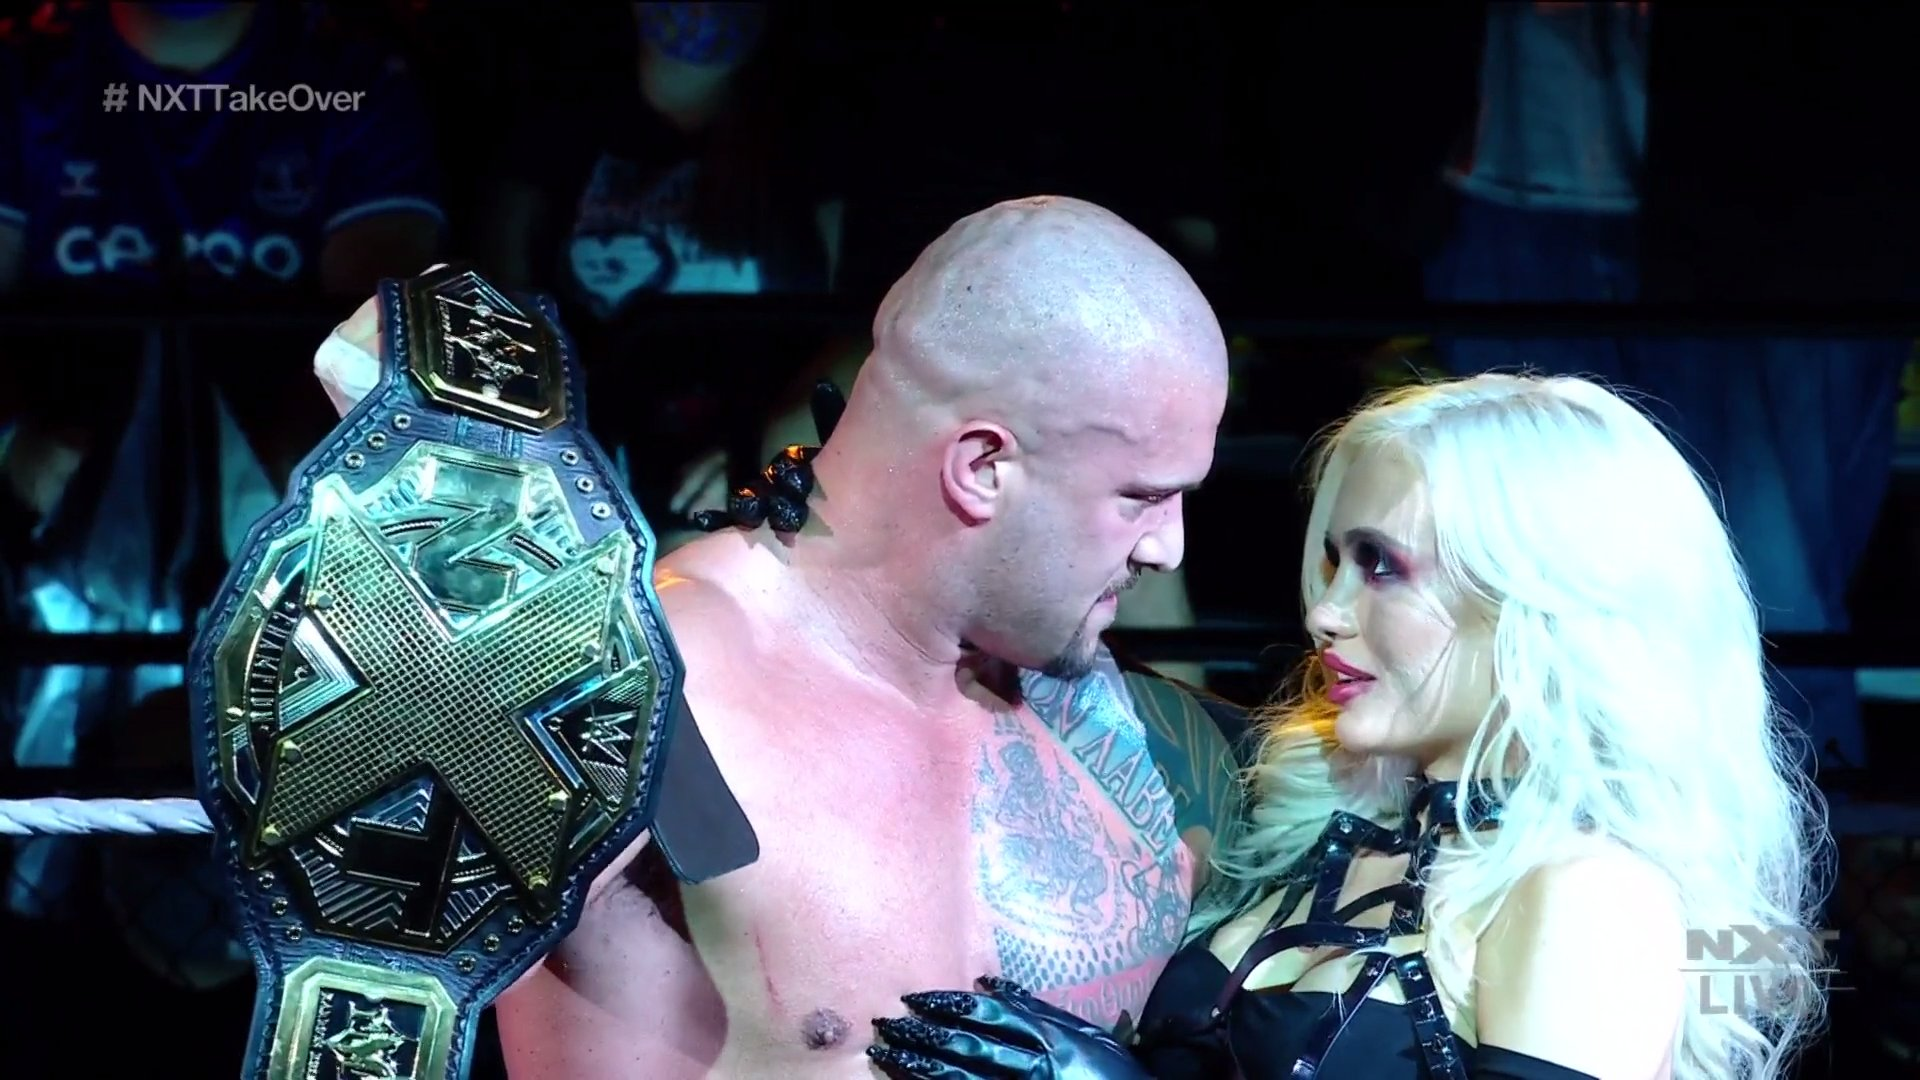 WWE Fans In For Scarlett's Raw Debut After Karrion Kross' Loss 99